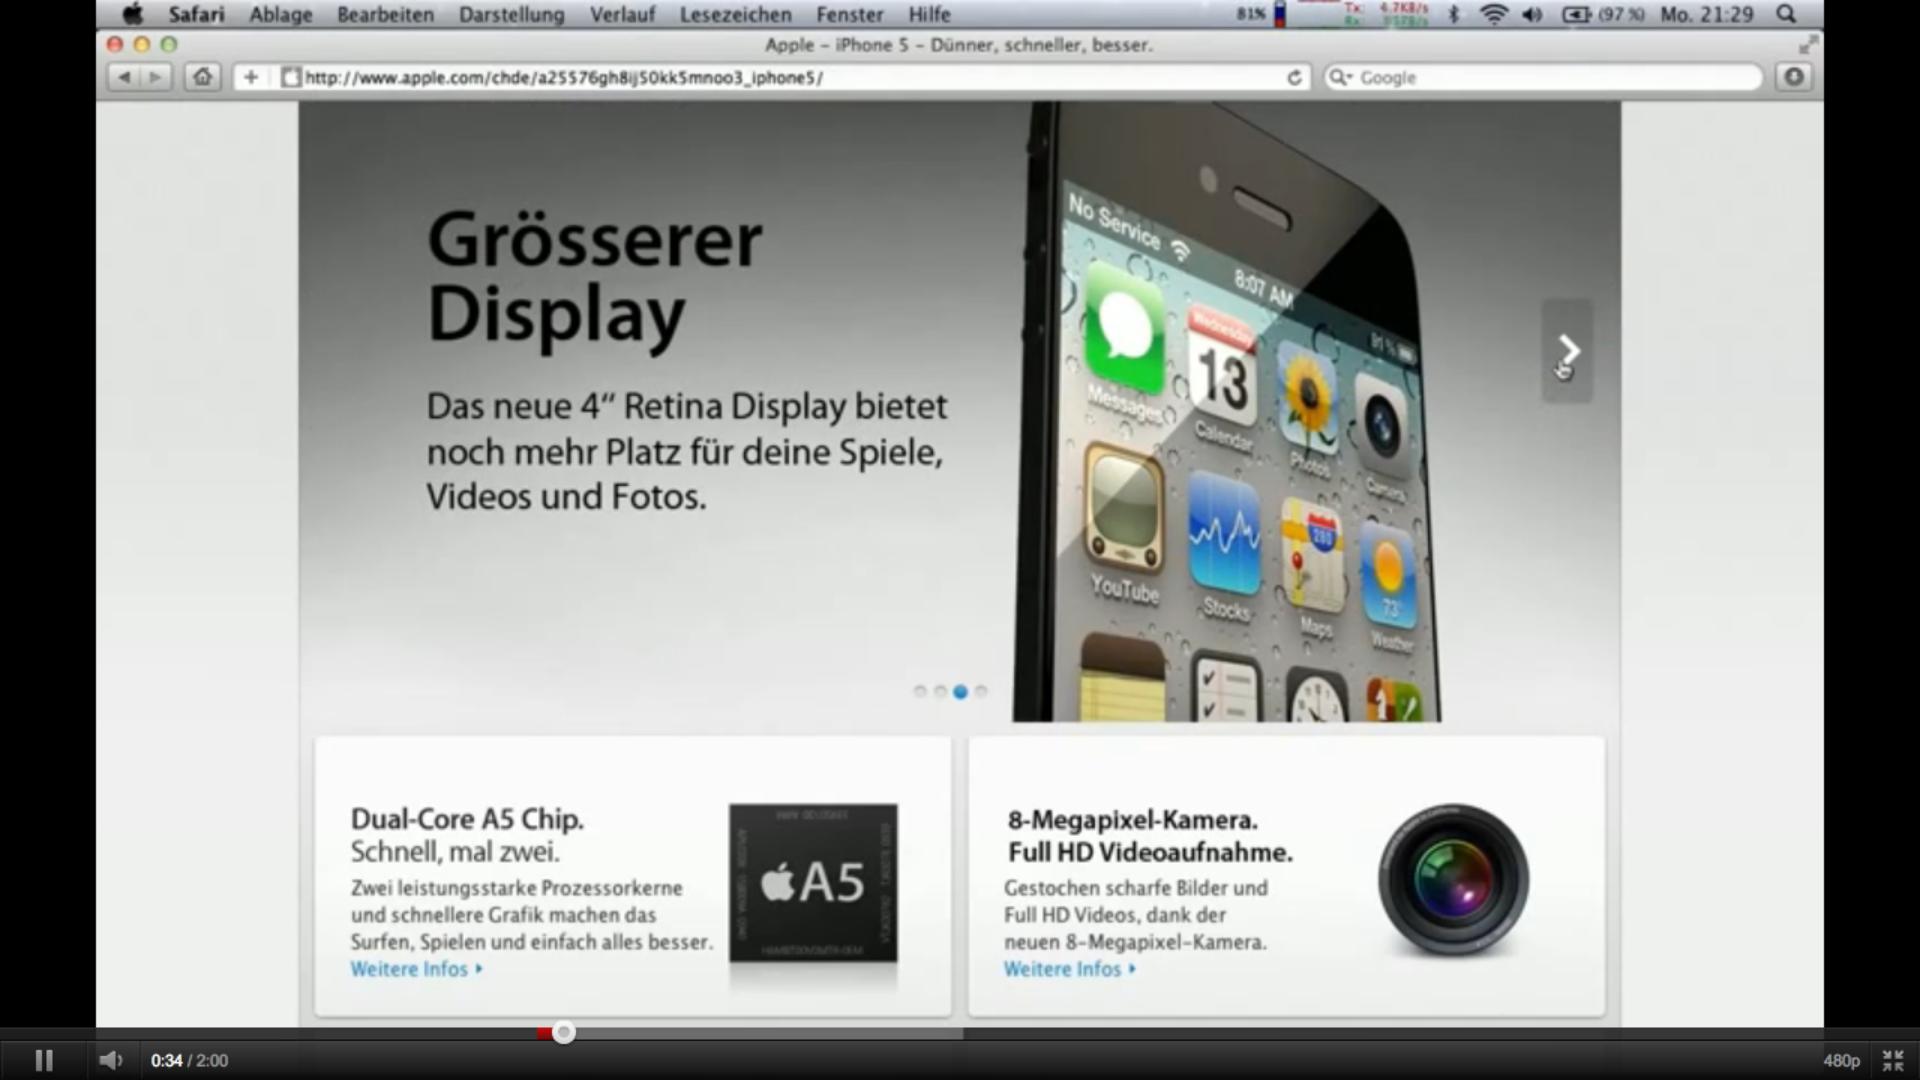 L'iPhone 5 viene falsificato anche nei video!